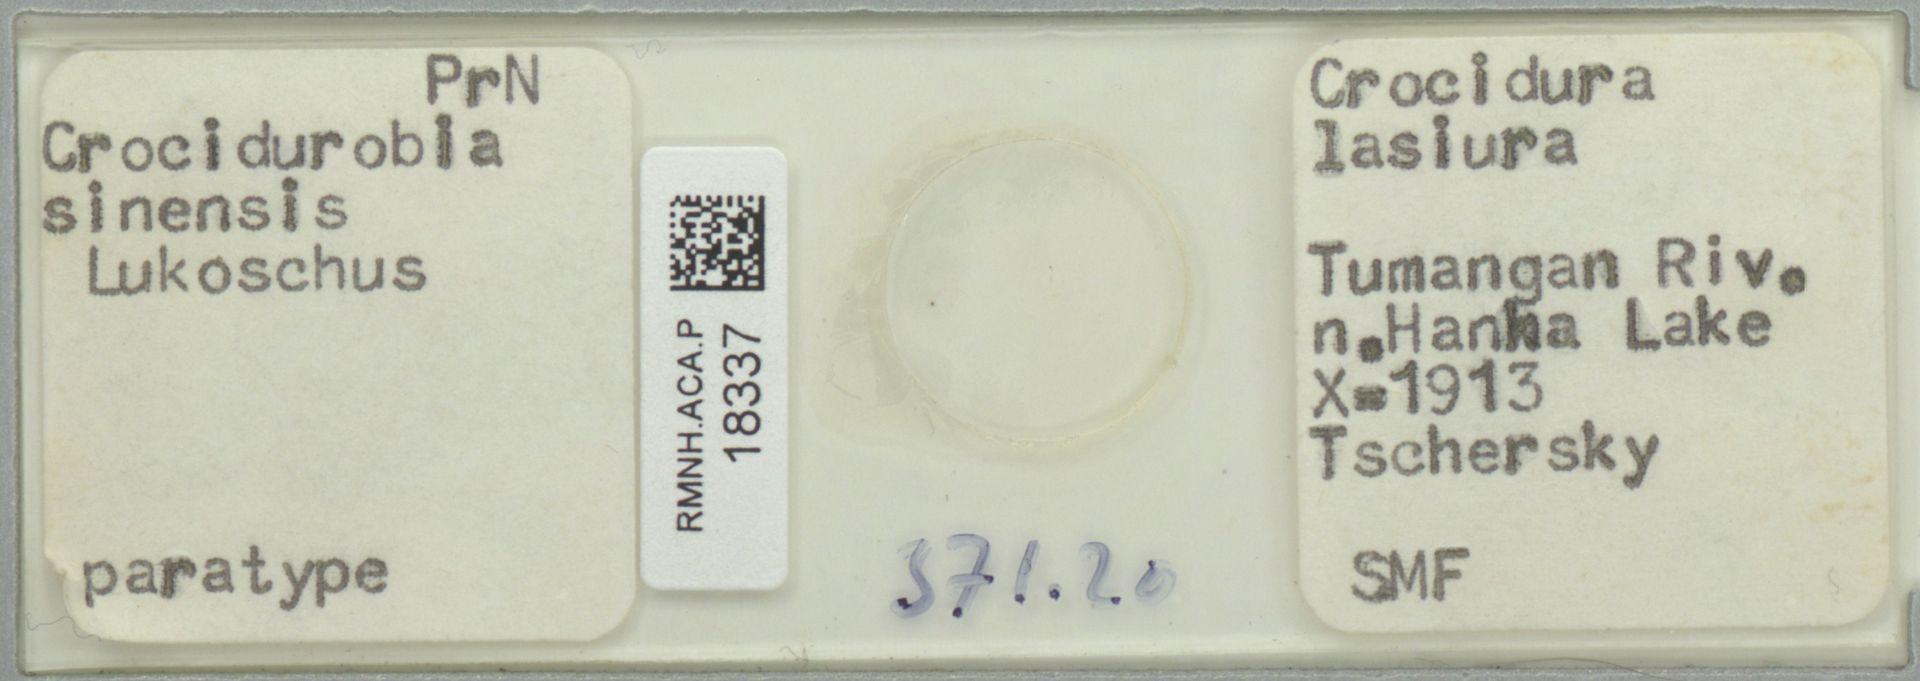 RMNH.ACA.P.18337 | Crocidurobia sinensis